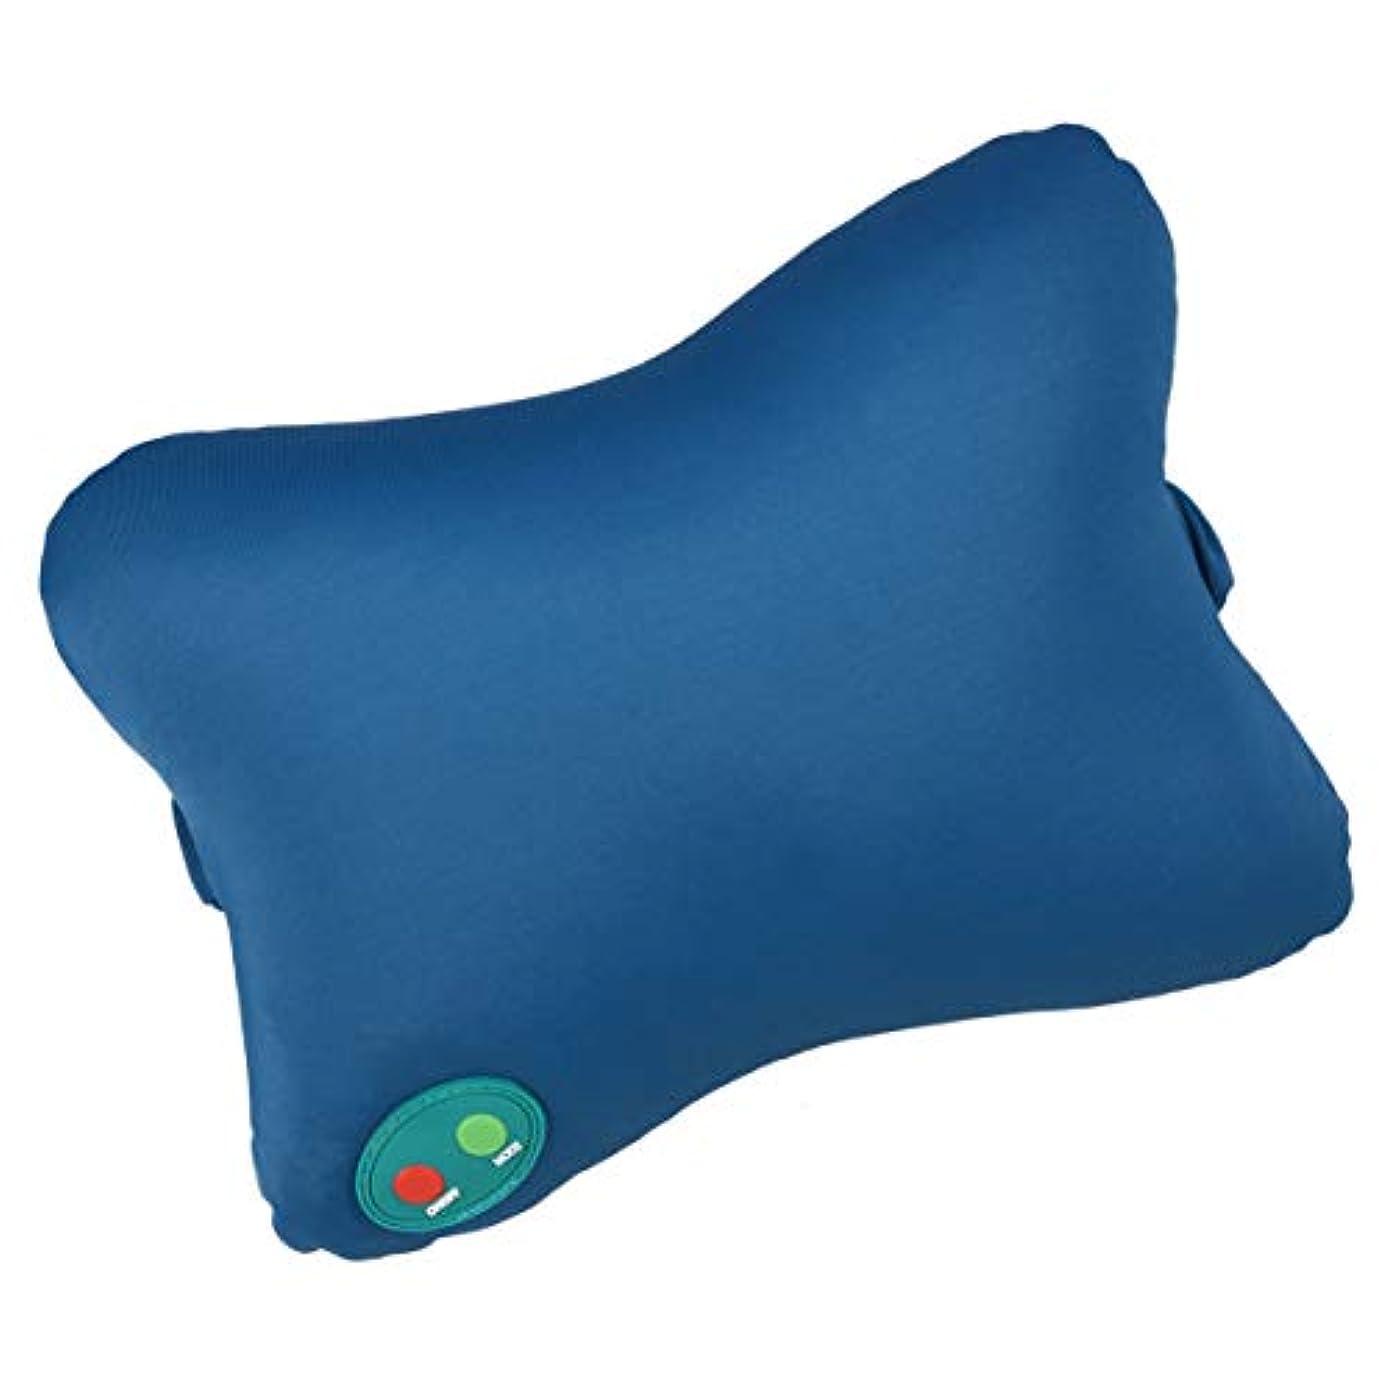 周波数従来の消毒剤SUPVOX マッサージ枕ポータブルマッサージャー首背中肩腕脚軽量ホームオフィスカー